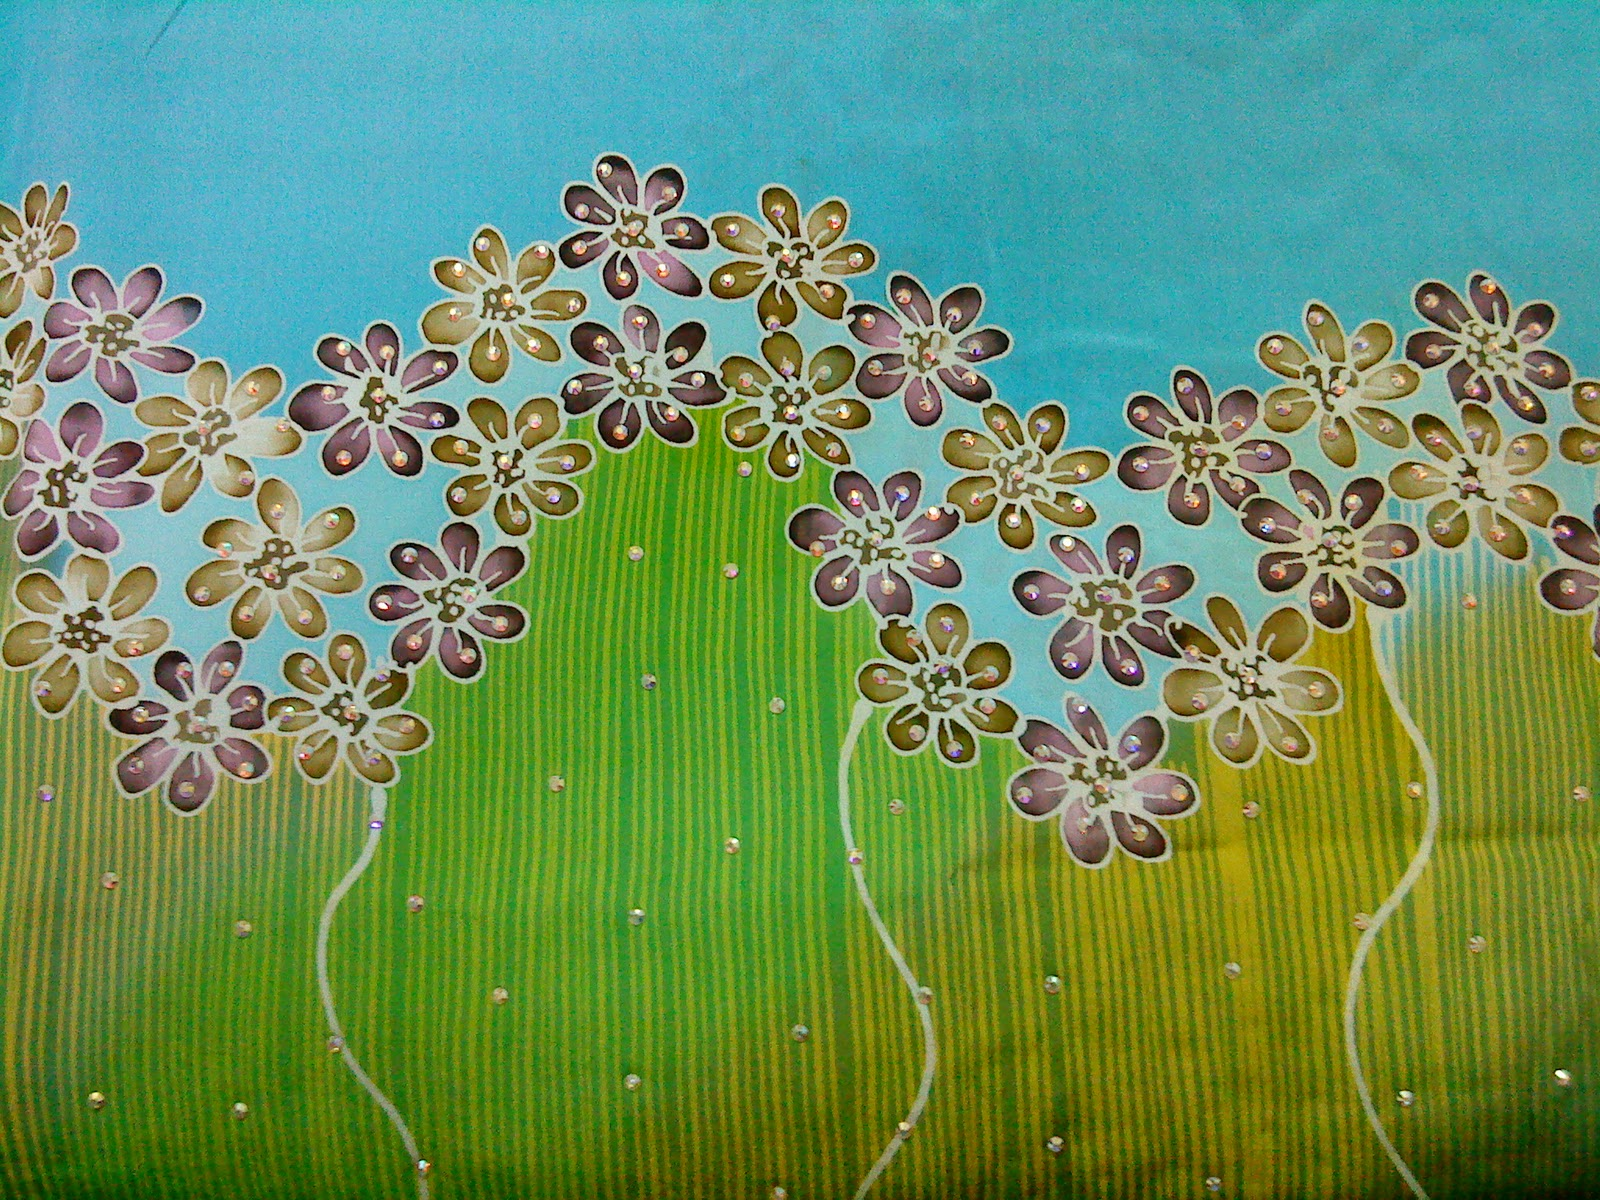 corak depan kain2 corak kaki kain batu manik di bunga sold out rm 260 ...